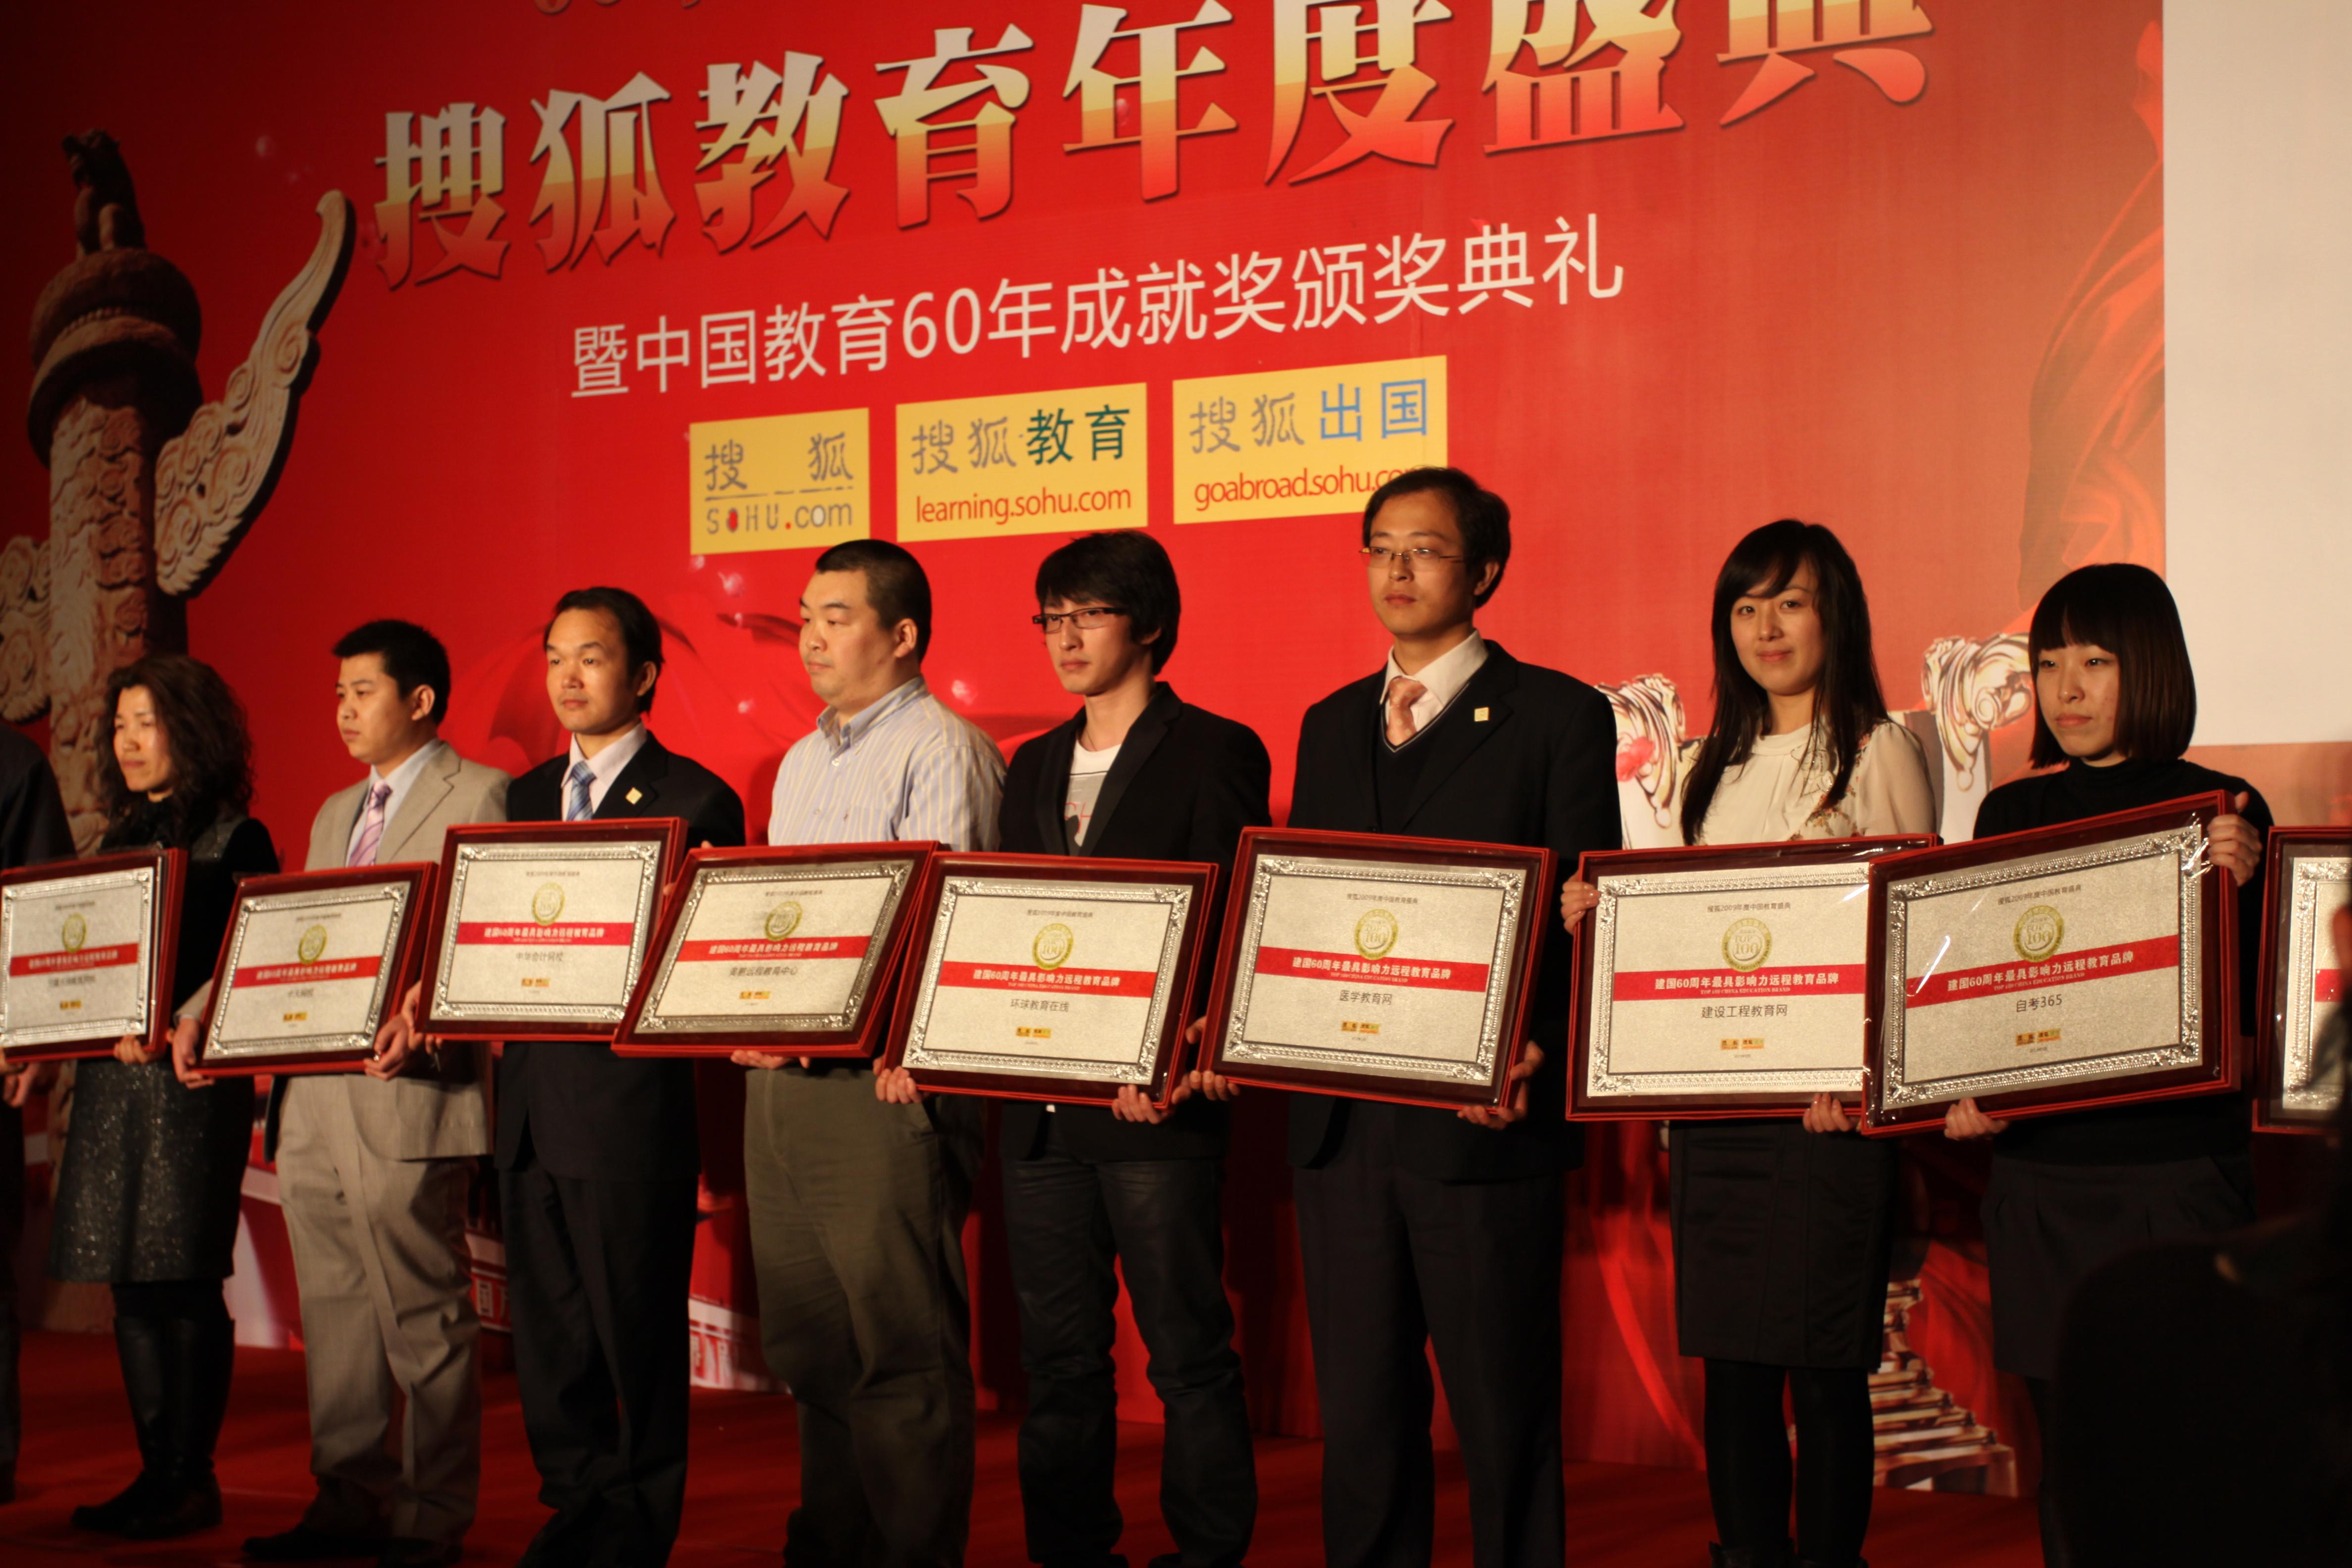 """""""搜狐2009教育年度盛典""""颁奖典礼现场"""